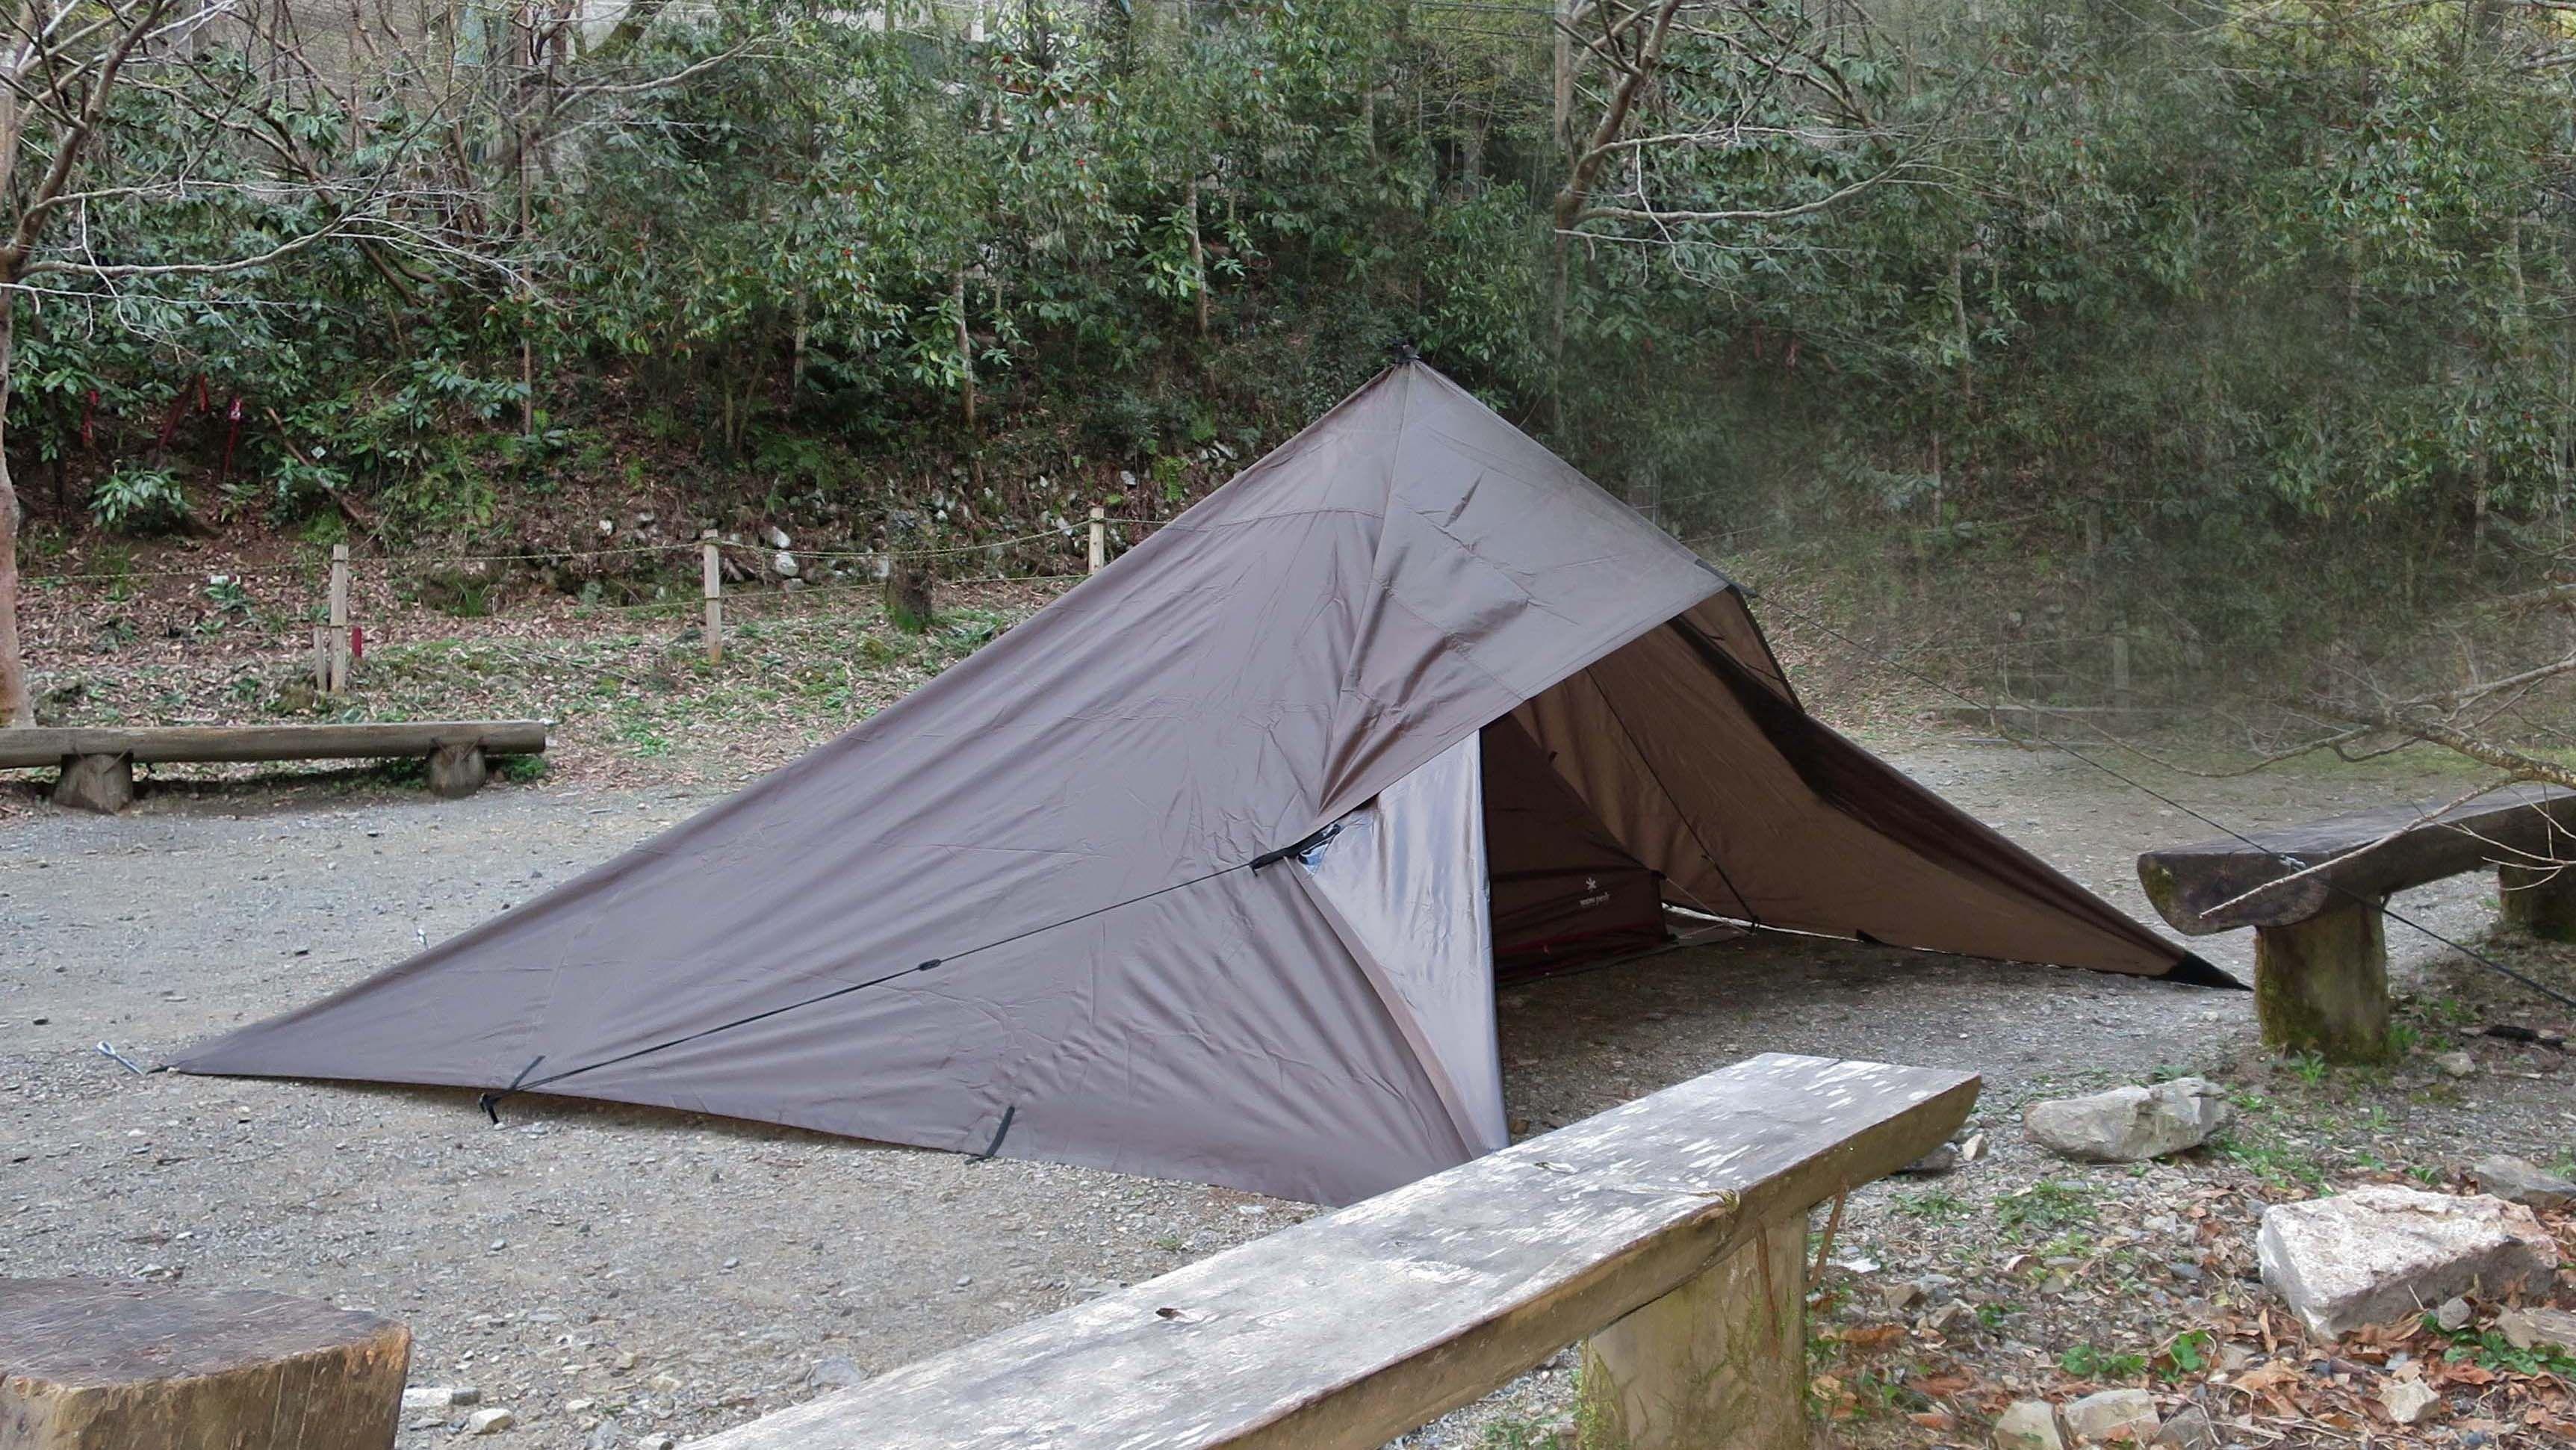 Ddターブステルス4x4にペンタイーズ ソロキャンプを楽しむ物モノの記録です 楽天ブログ キャンプ アウトドア アウトドアキャンプ